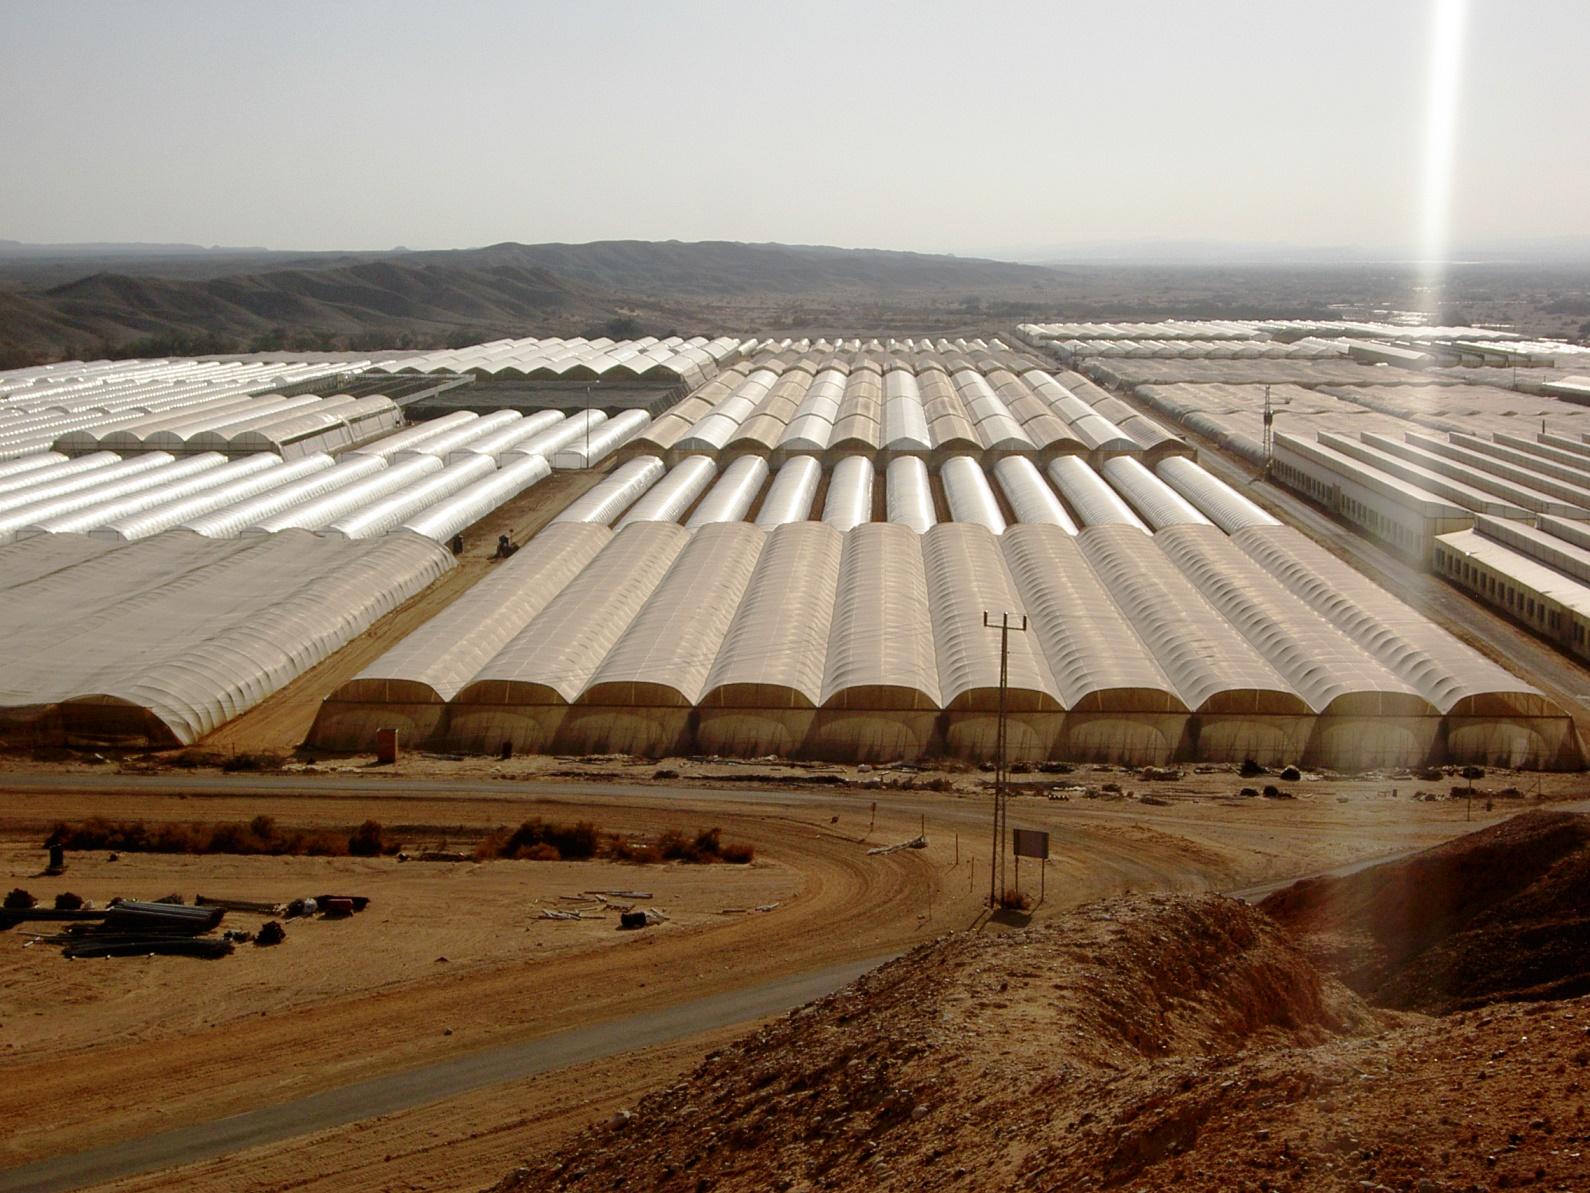 השטחים הירדניים צחיחים, המובלעת הישראלית פורחת. שטחים חקלאיים באזור צופר שבערבה צילום: המועצה האזורית הערבה התיכונה